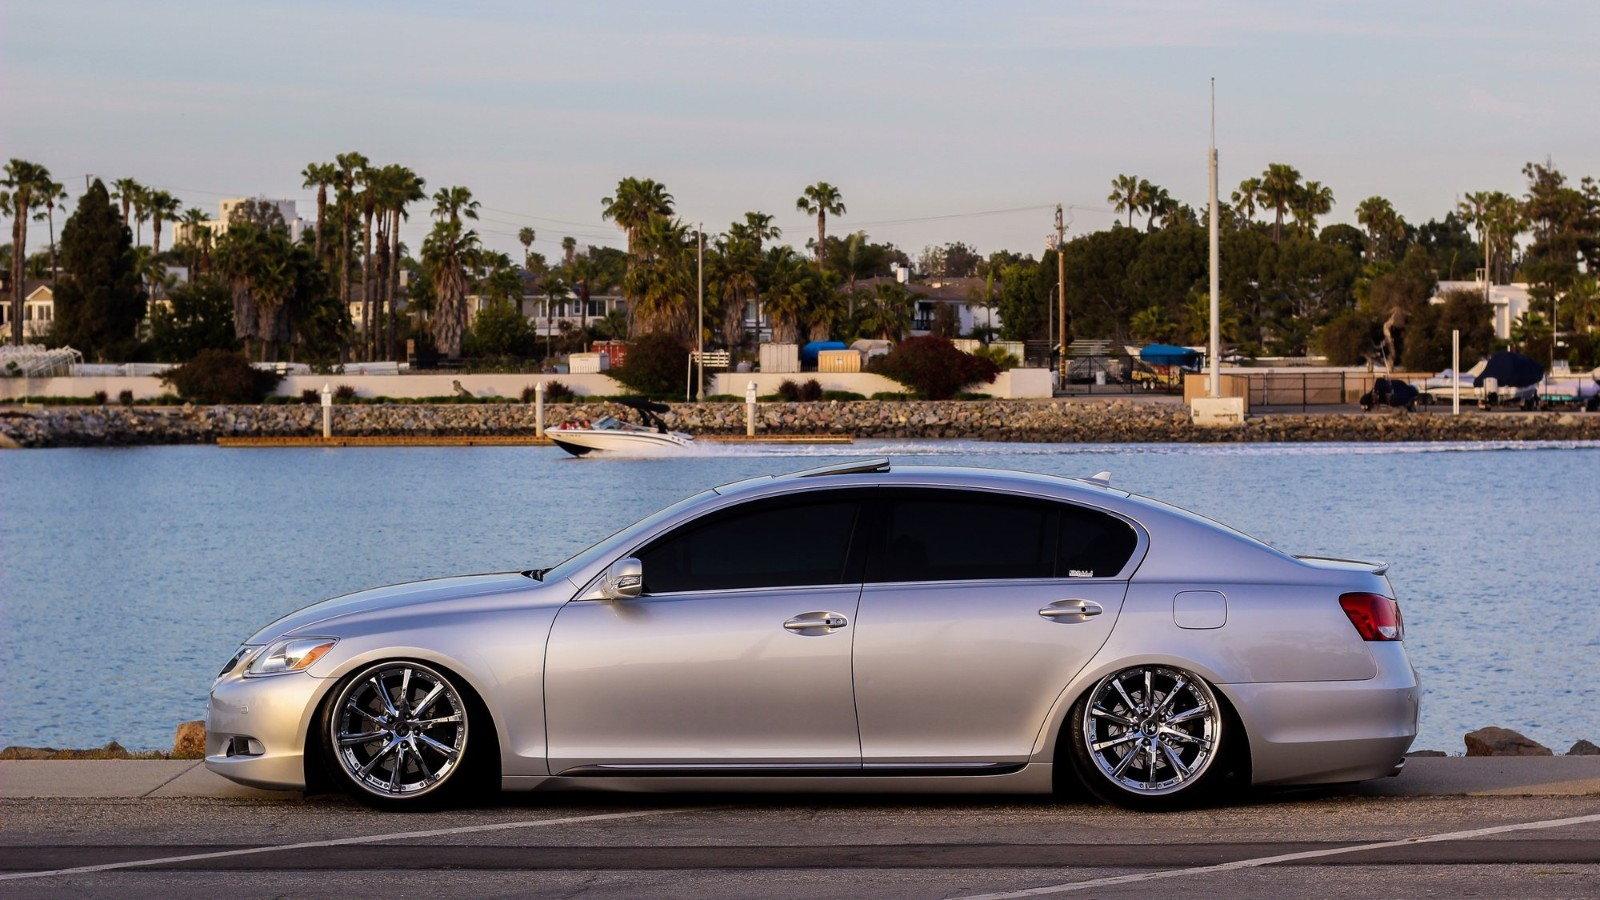 Build A Lexus >> Lexus Gs350 Is One Bad Bagged Build Clublexus